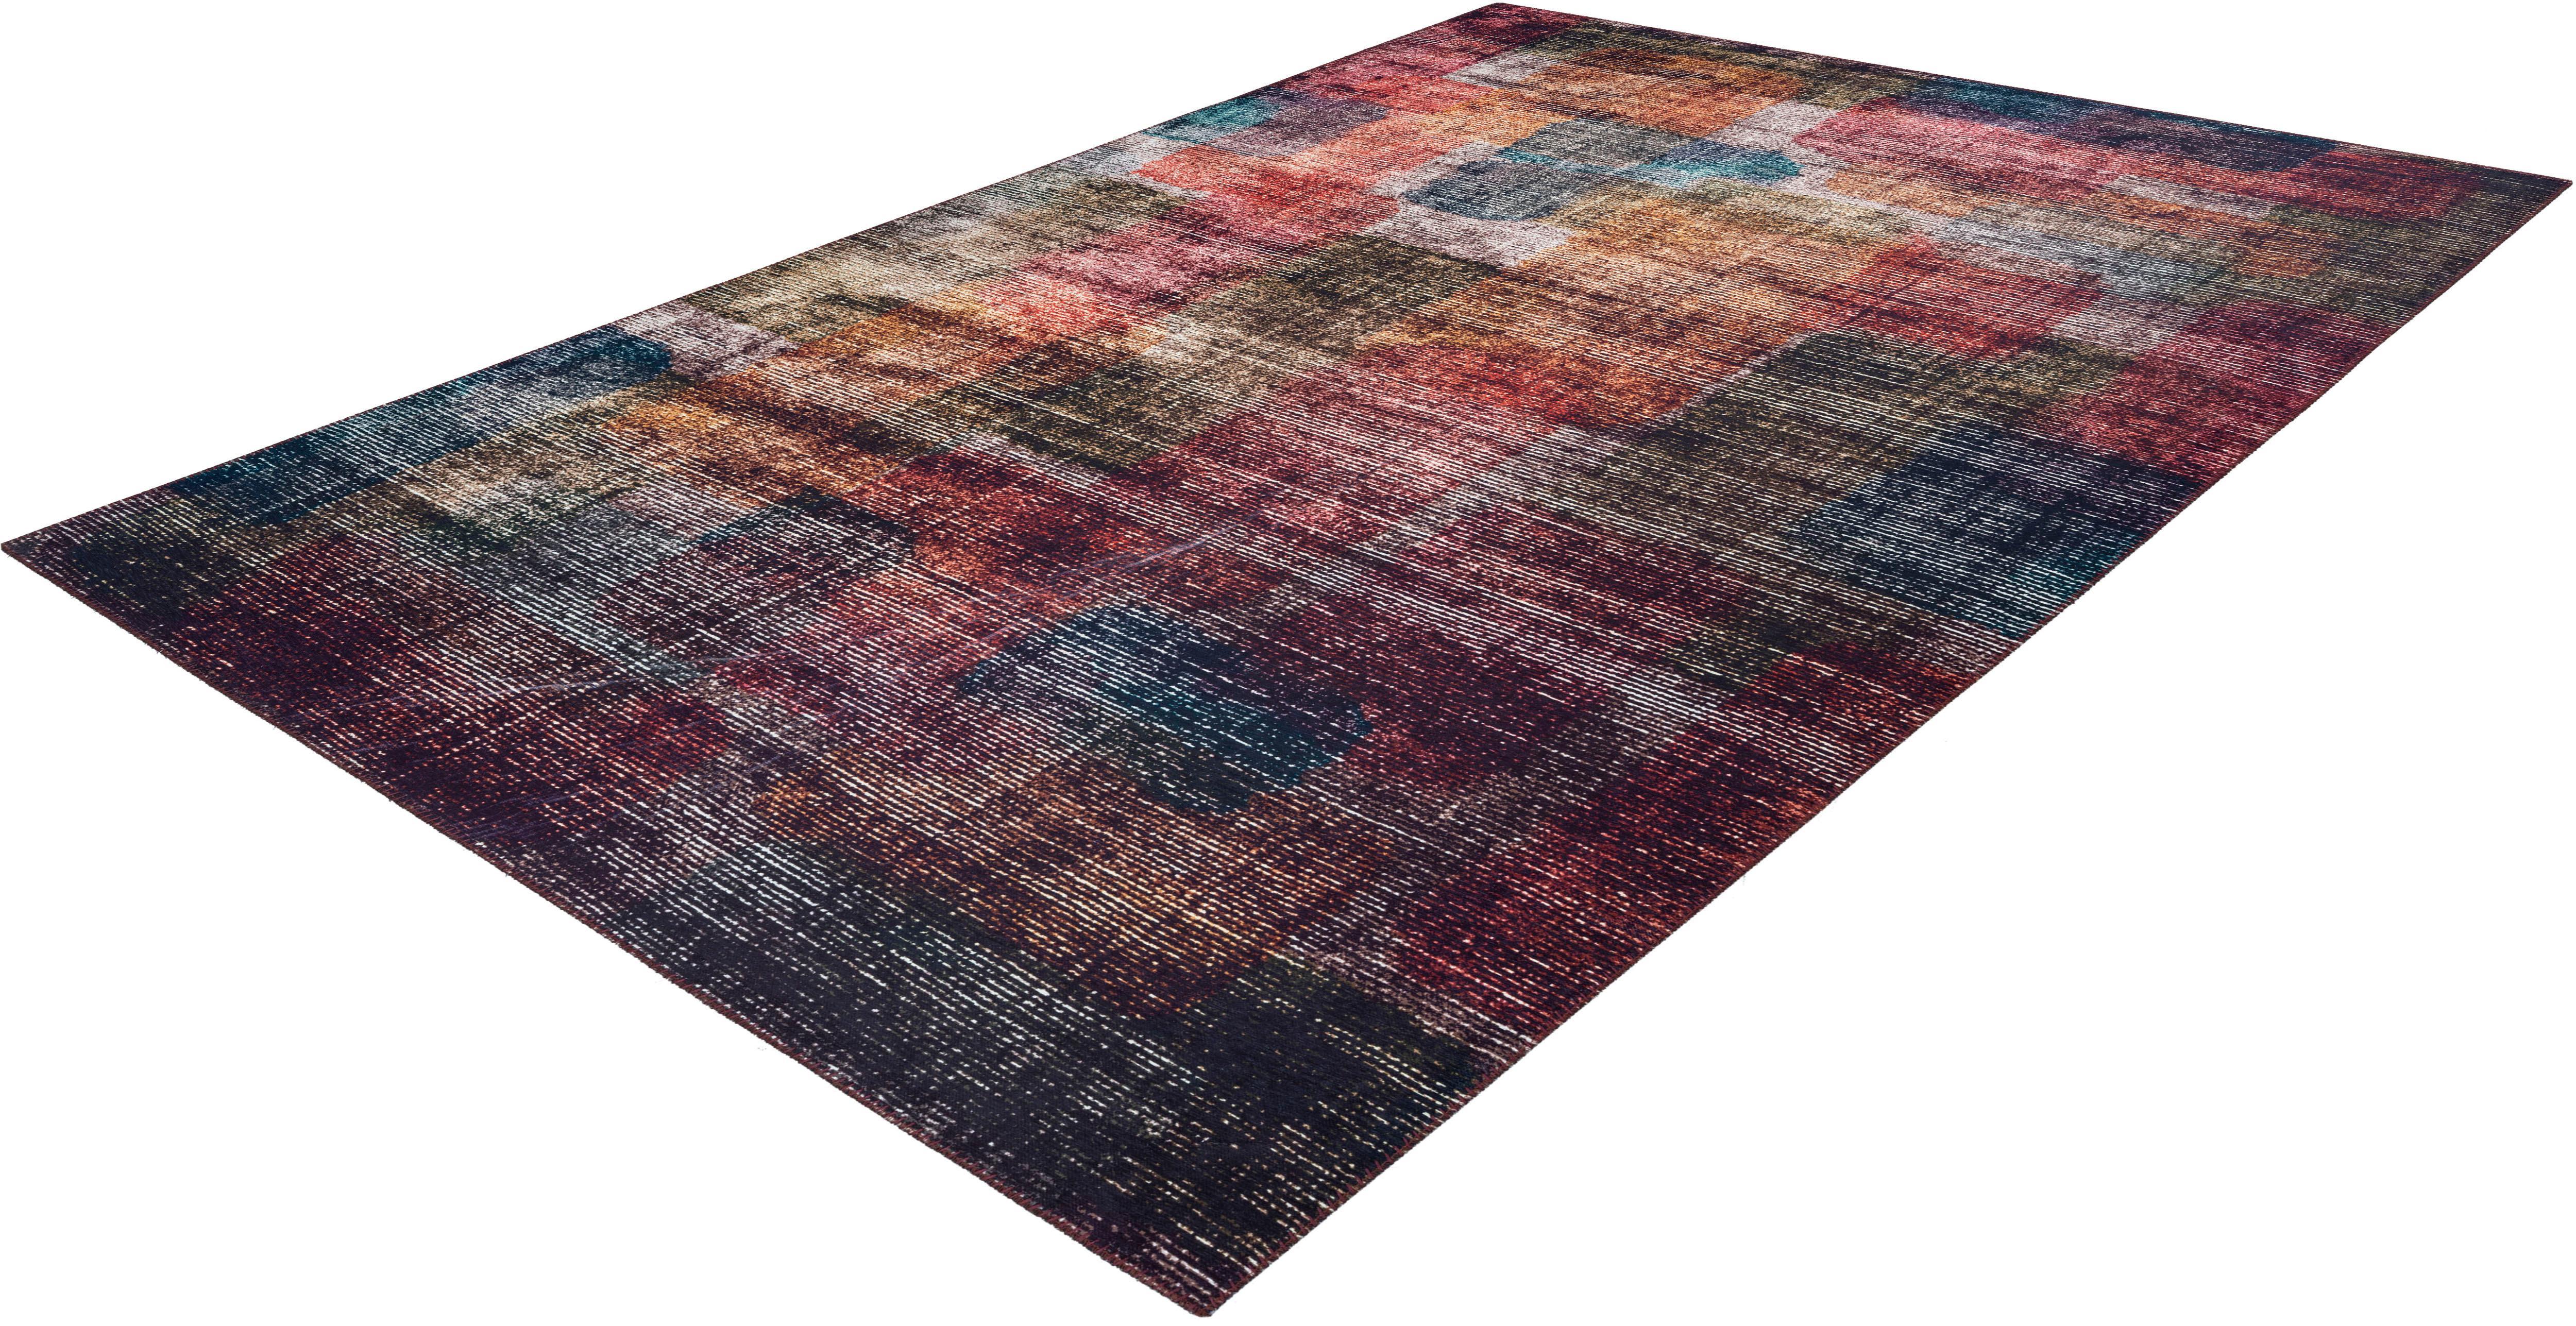 Teppich Galaxy 300 Arte Espina rechteckig Höhe 6 mm maschinell gewebt